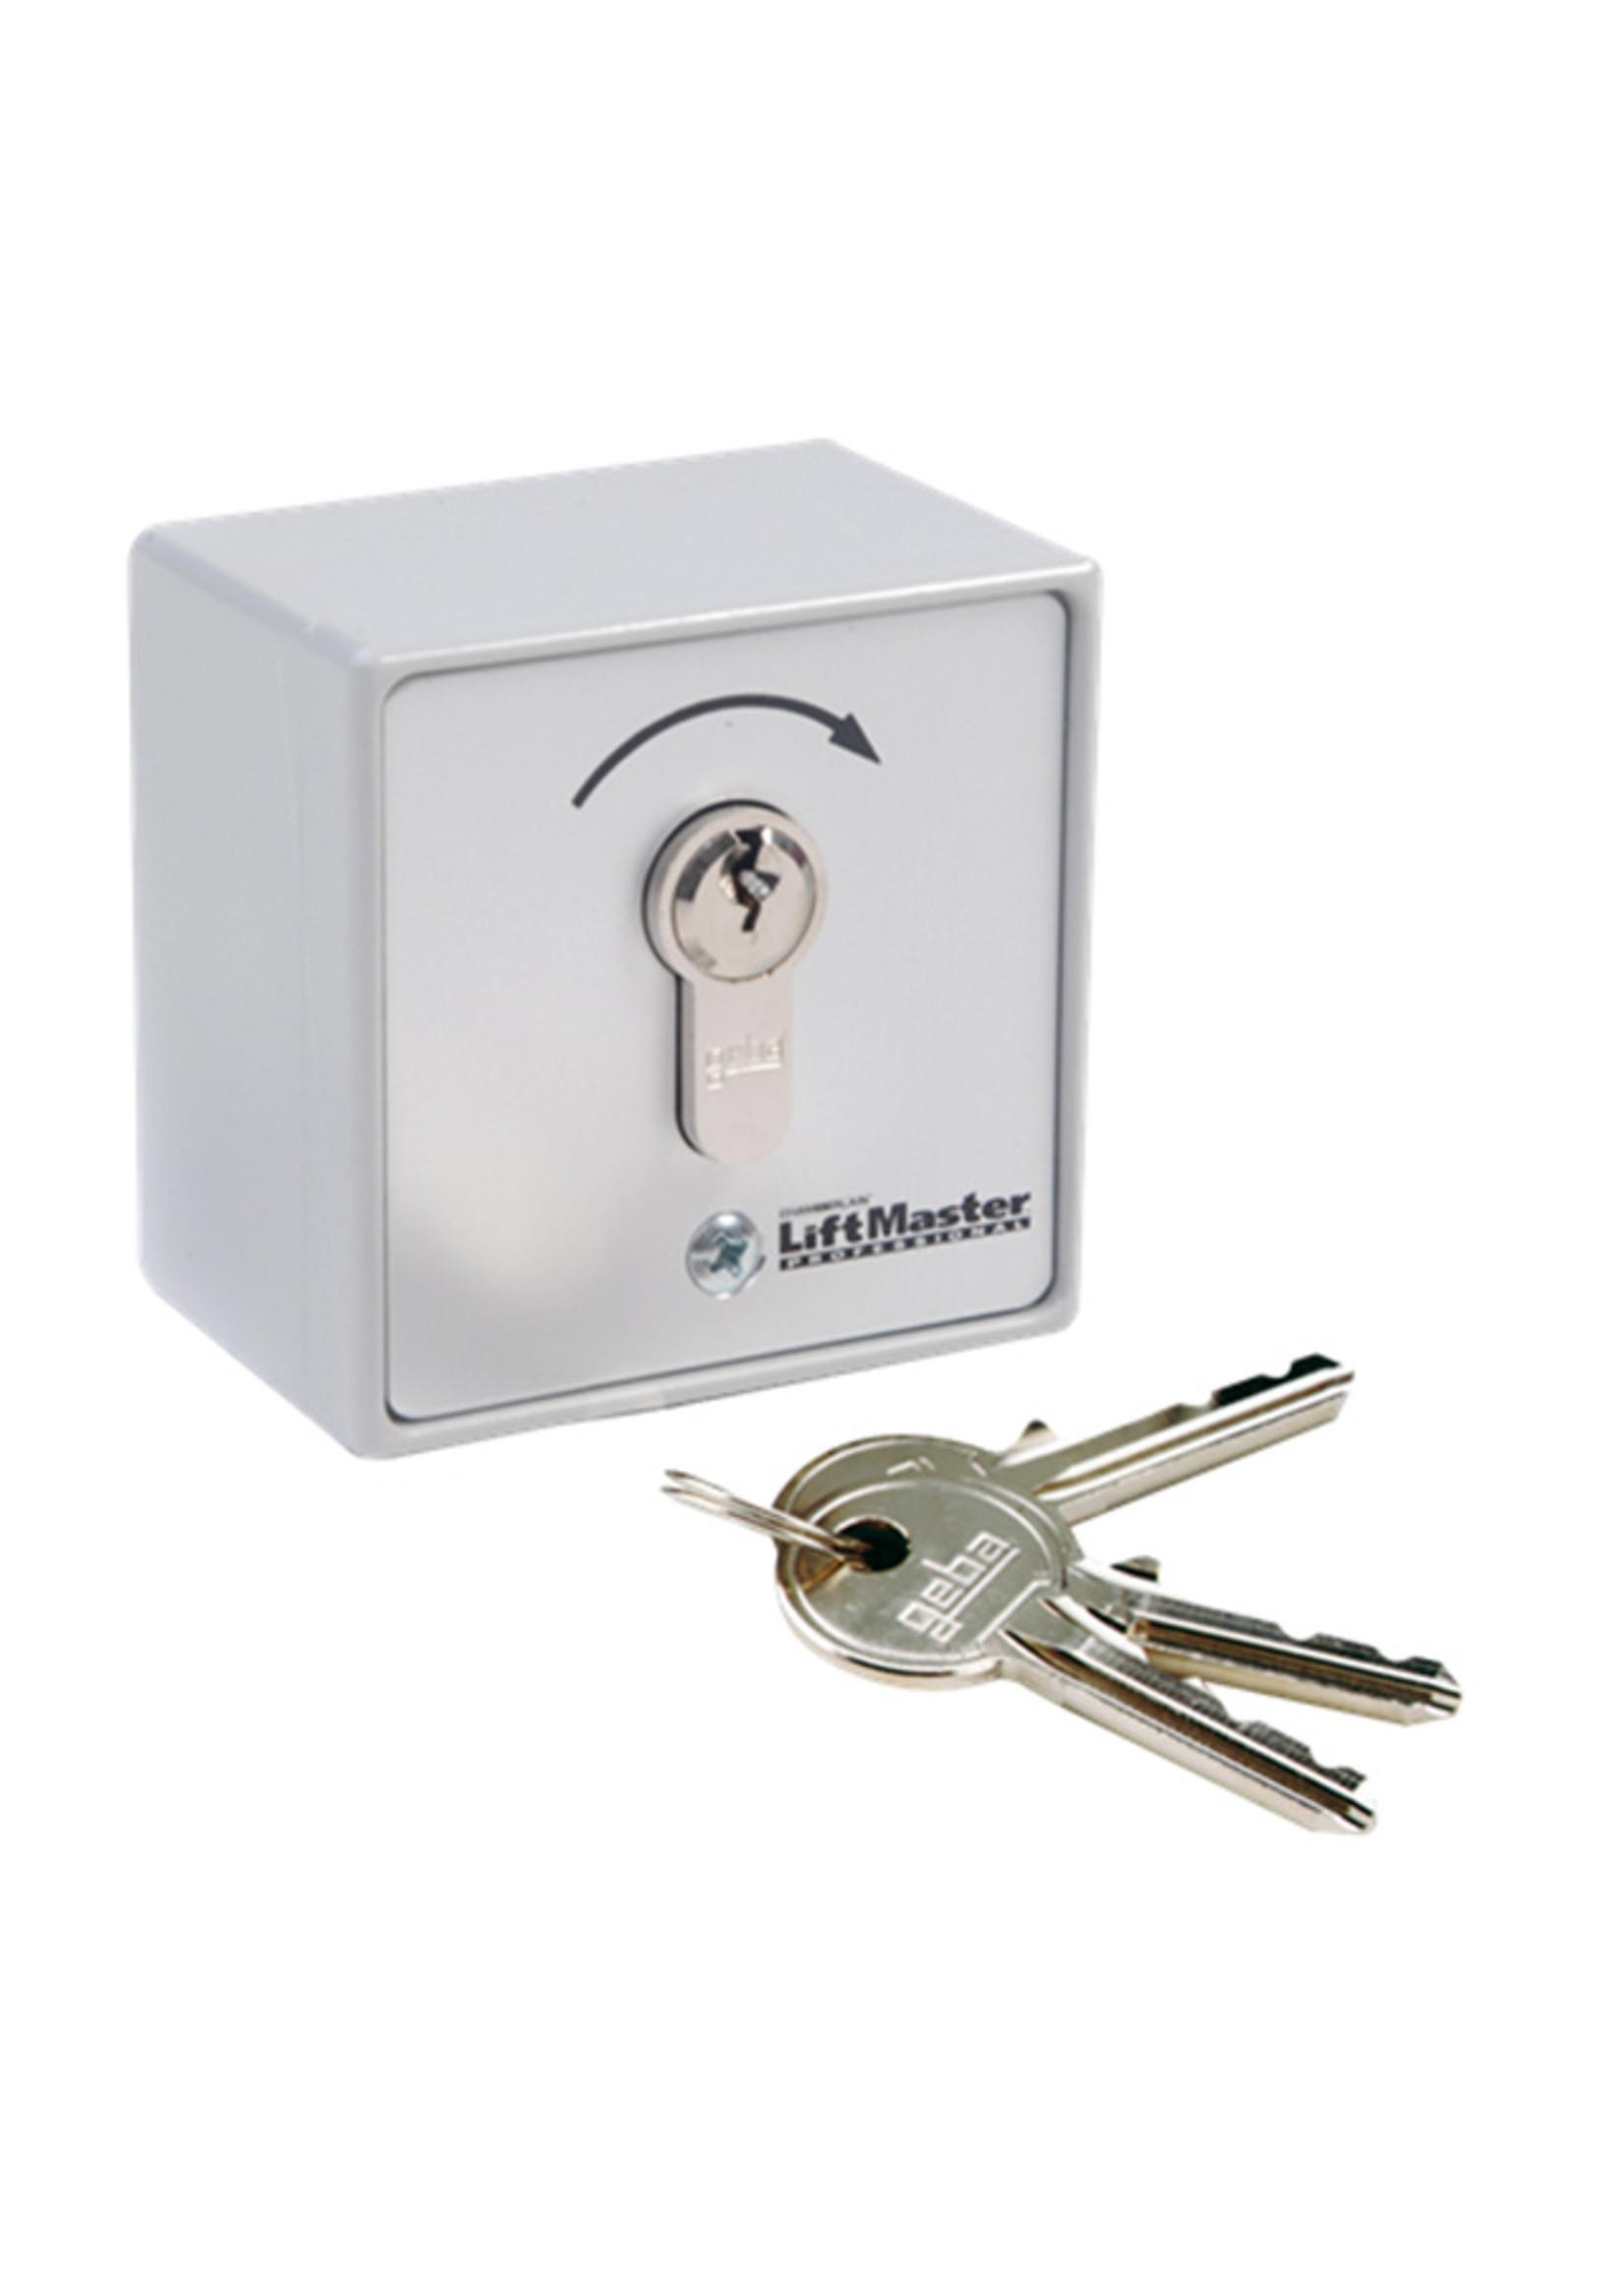 Liftmaster 100027 Opbouw sleutelschakelaar 1 functie